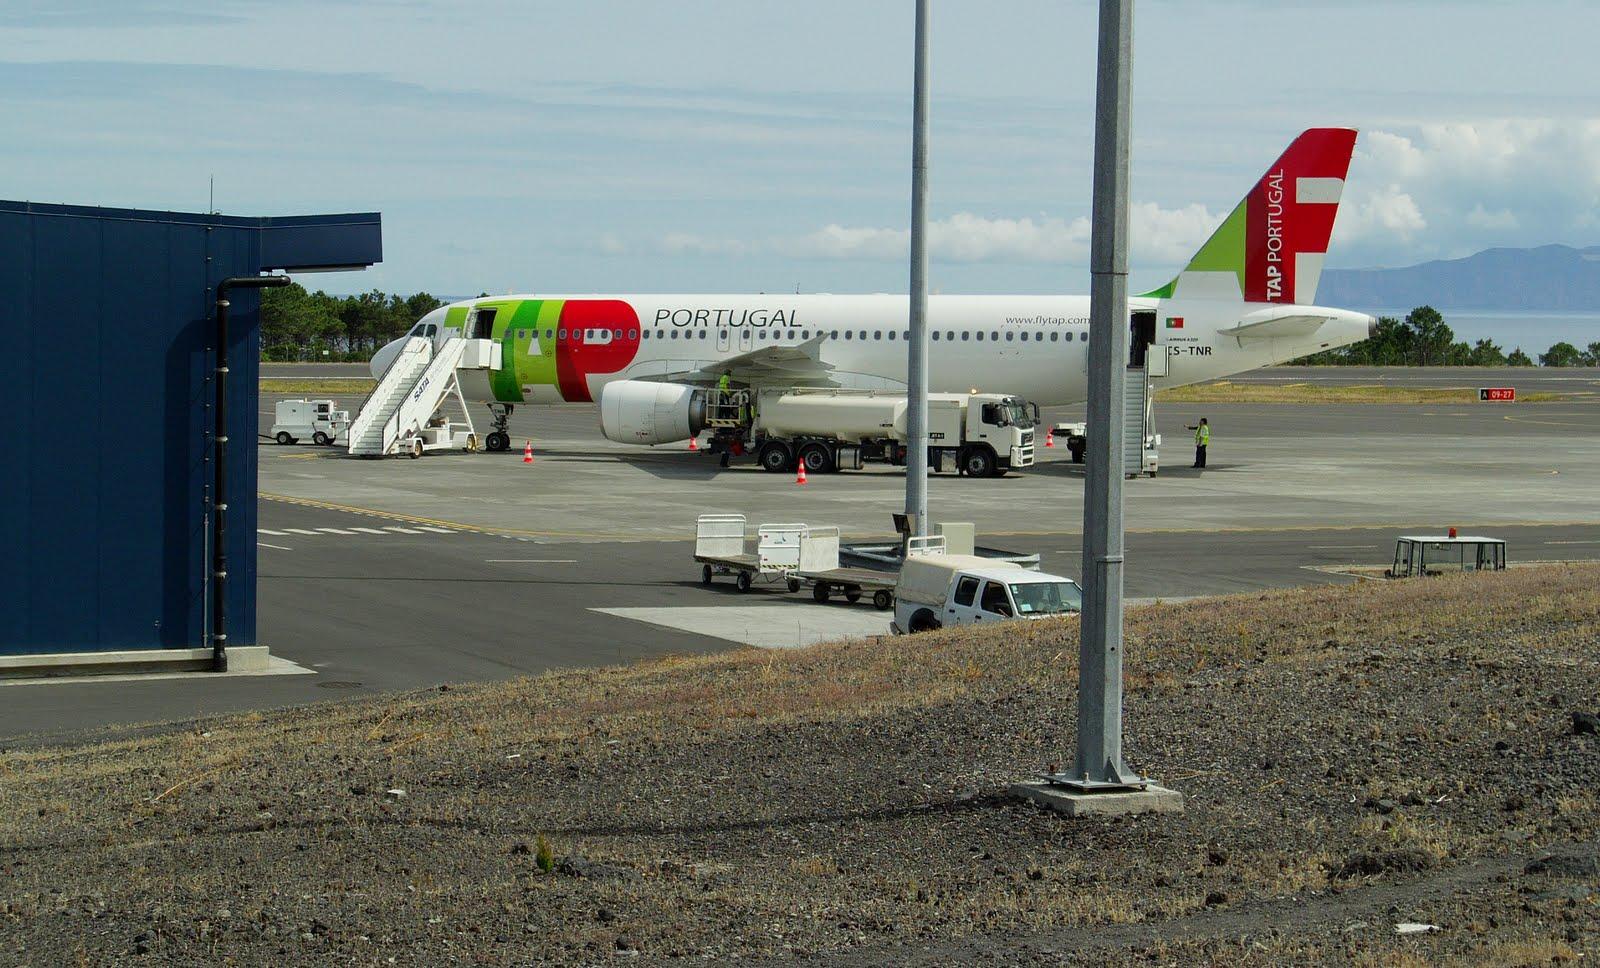 Aeroporto Do : Aeroporto de juazeiro poderá se tornar hub aéreo badalo